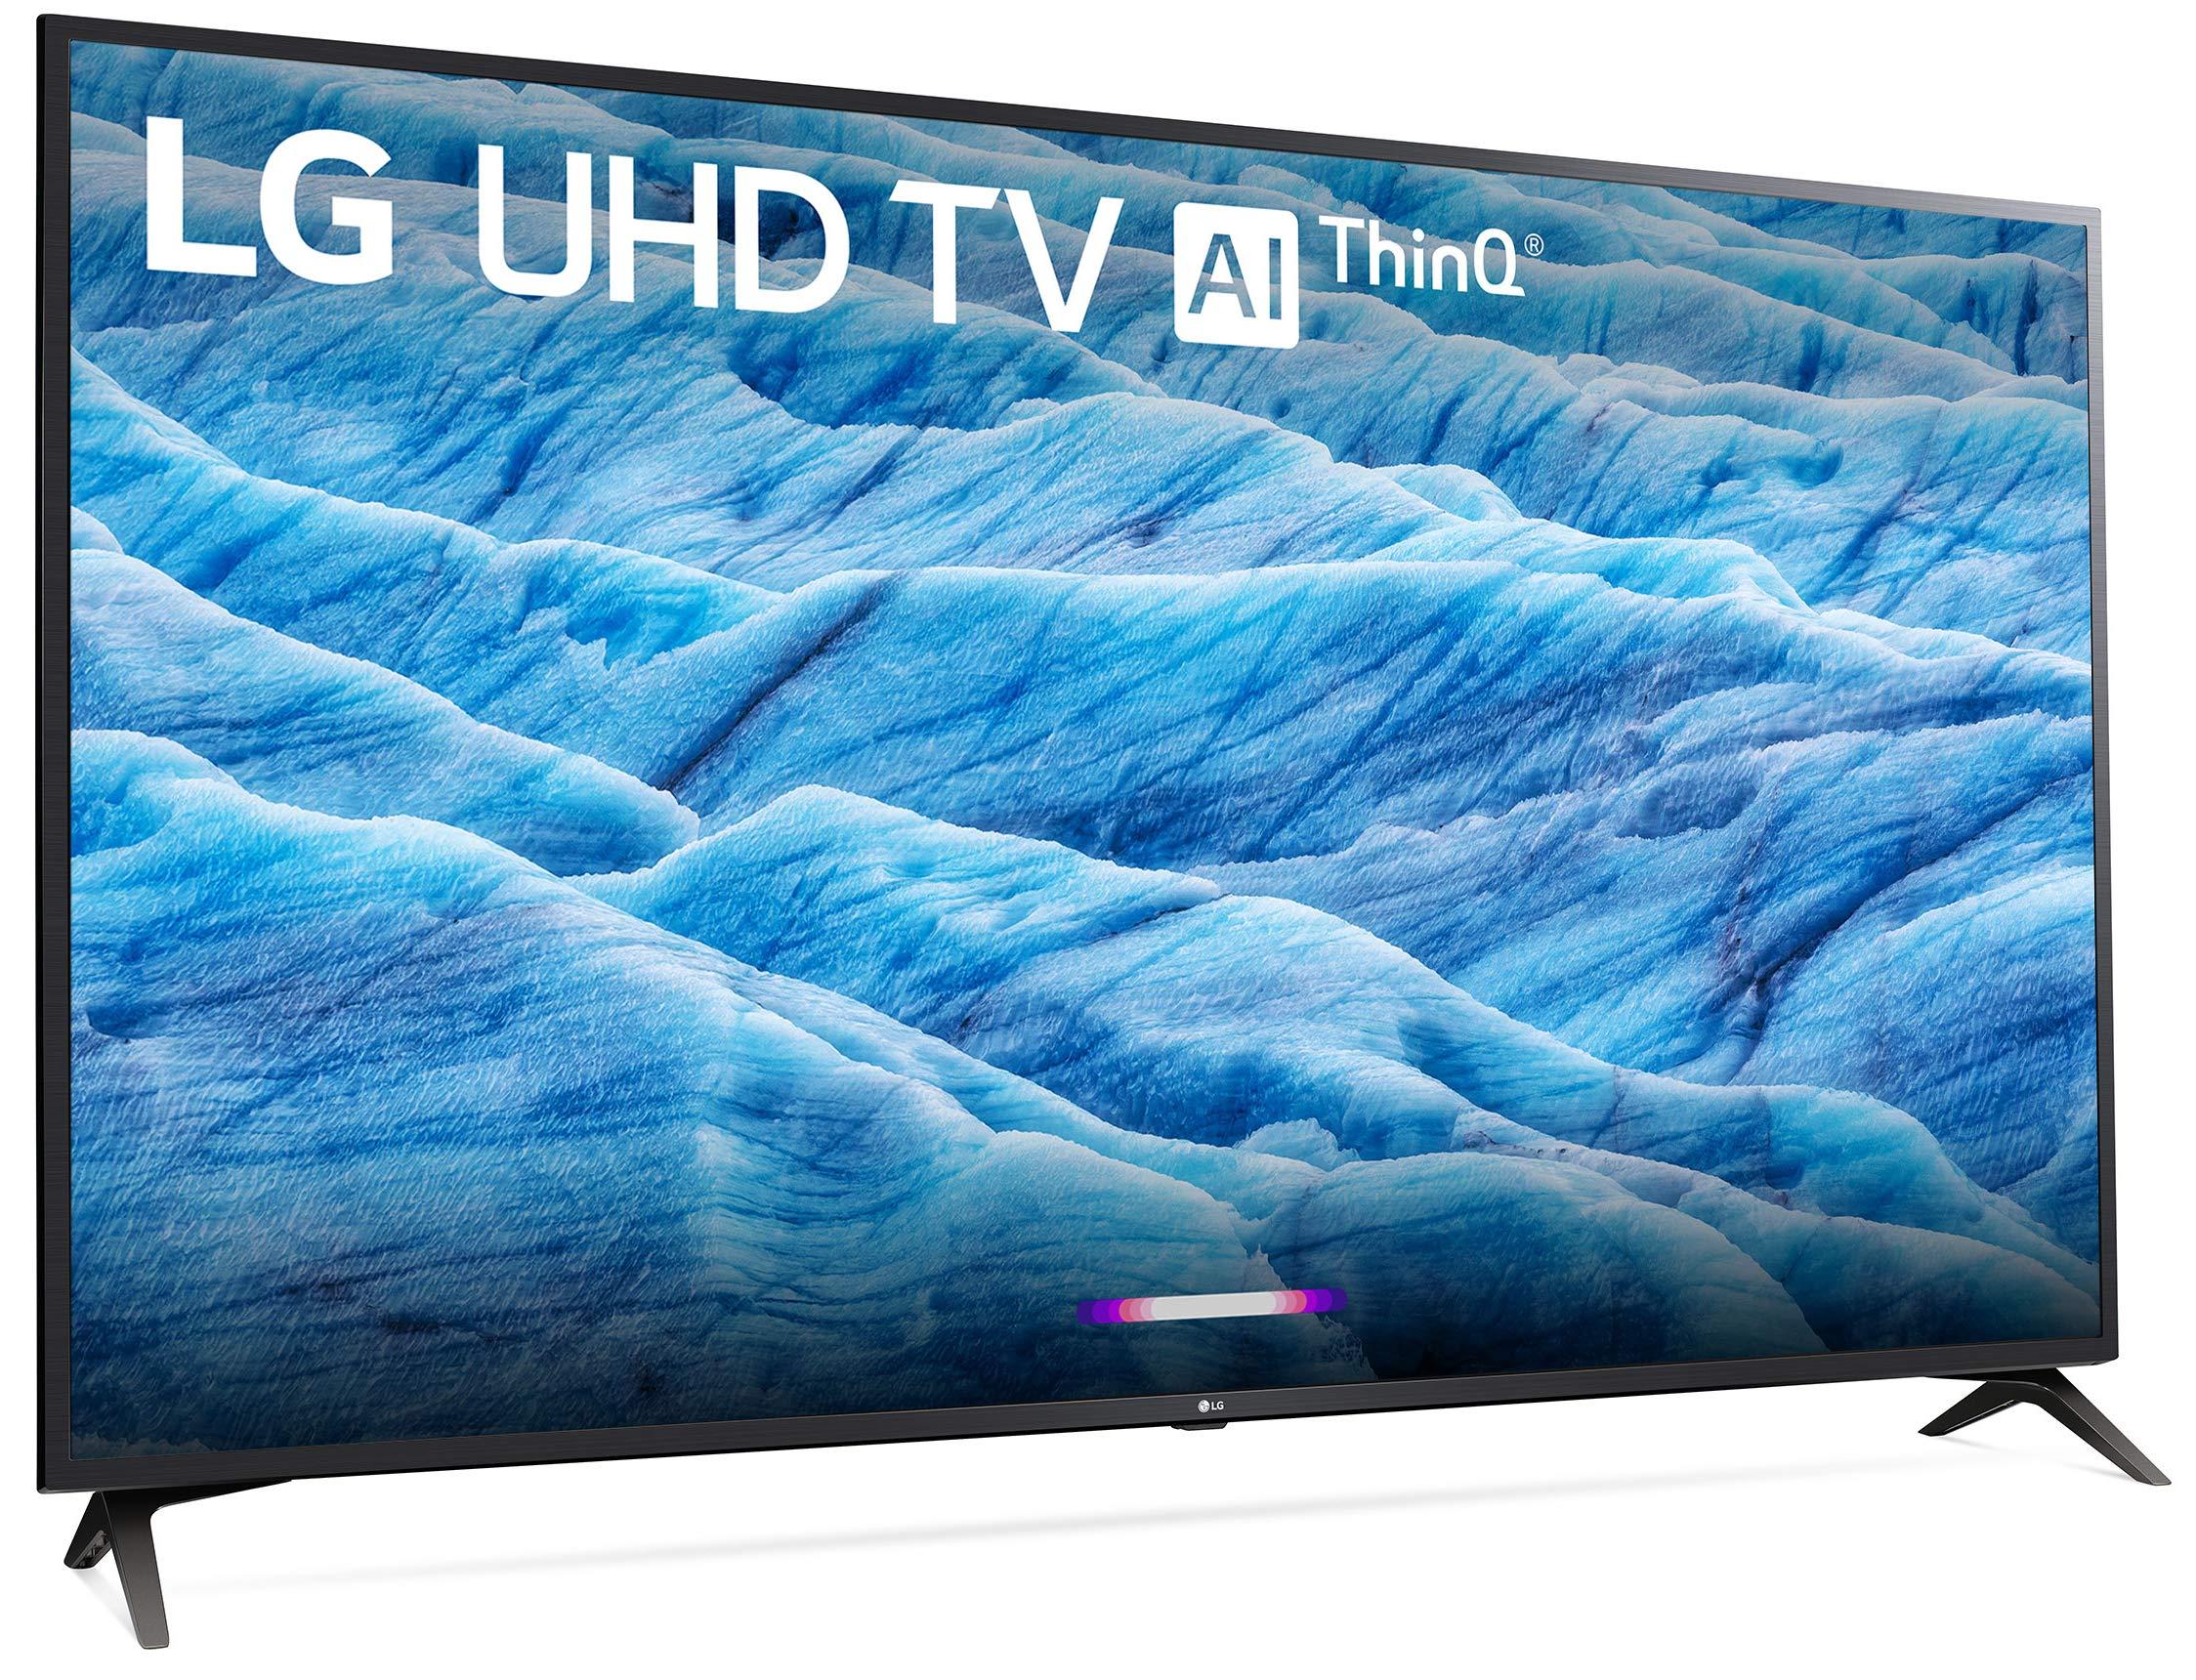 """LG 70UM7370PUA Alexa Built-in 70"""" 4K Ultra HD Smart LED TV (2019) 3"""